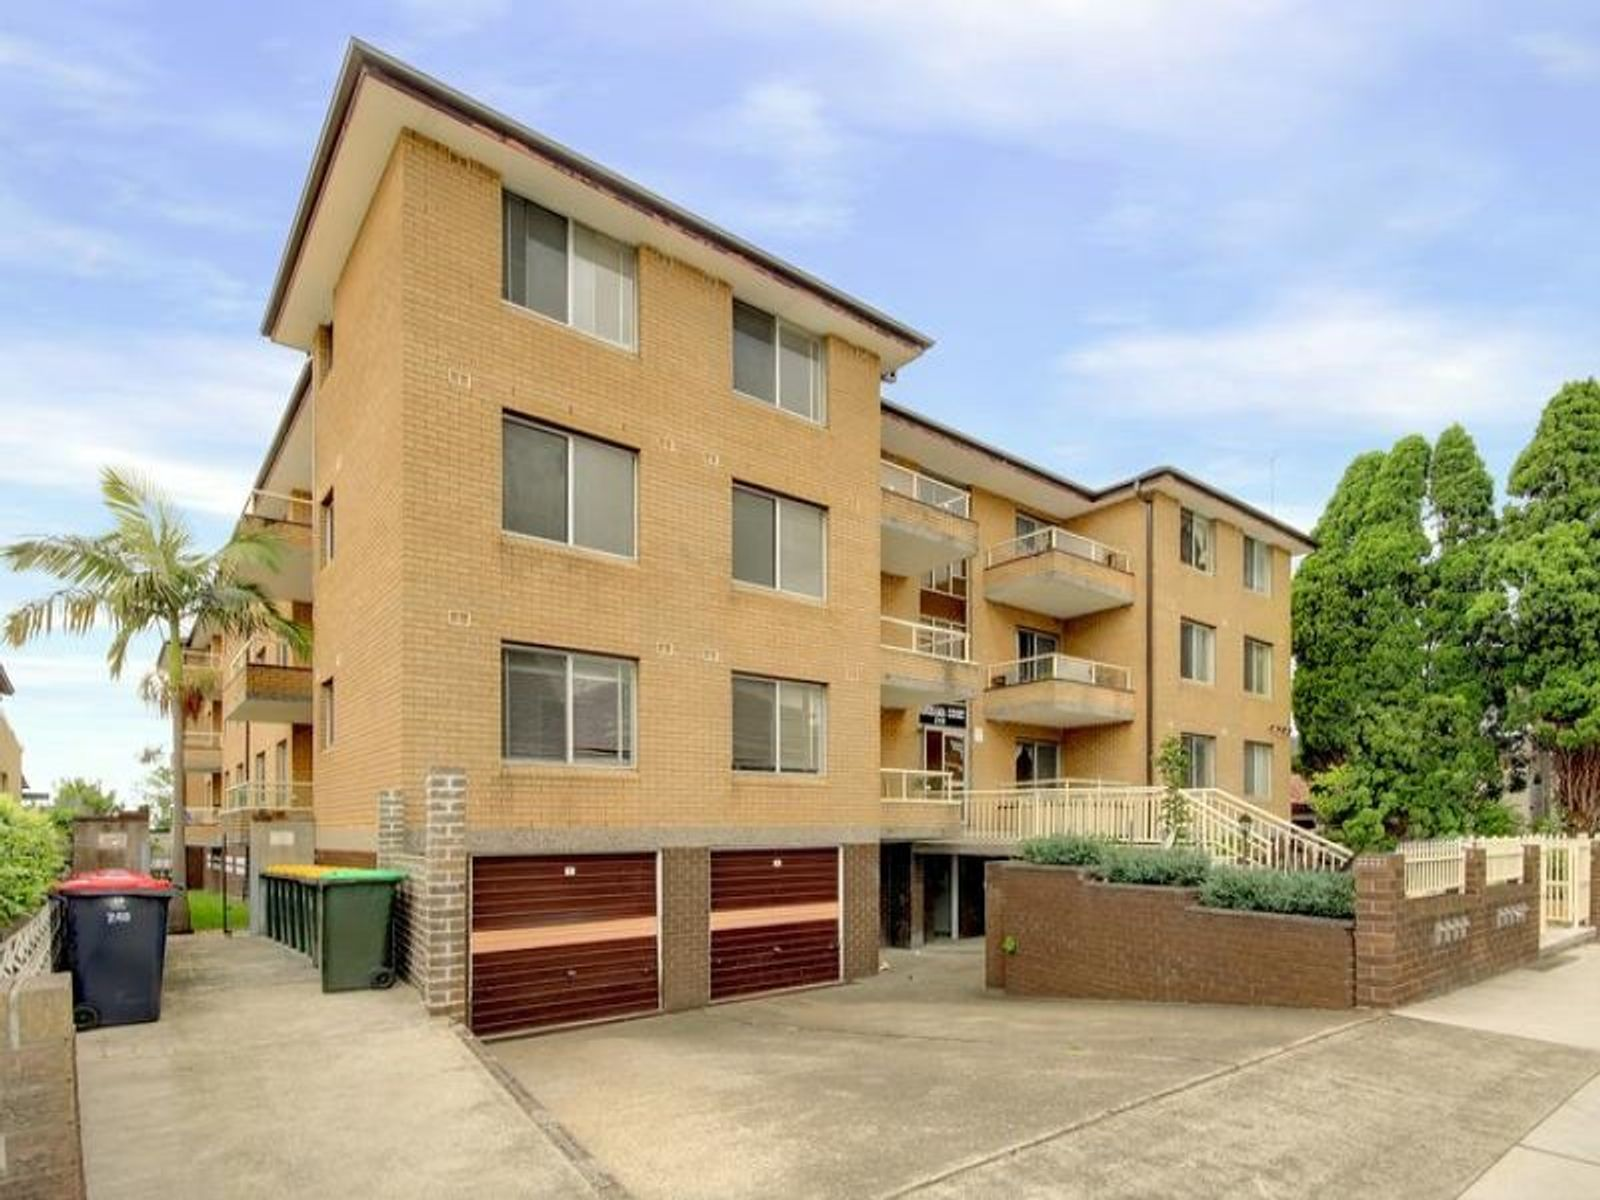 11/249 Haldon Street, Lakemba, NSW 2195